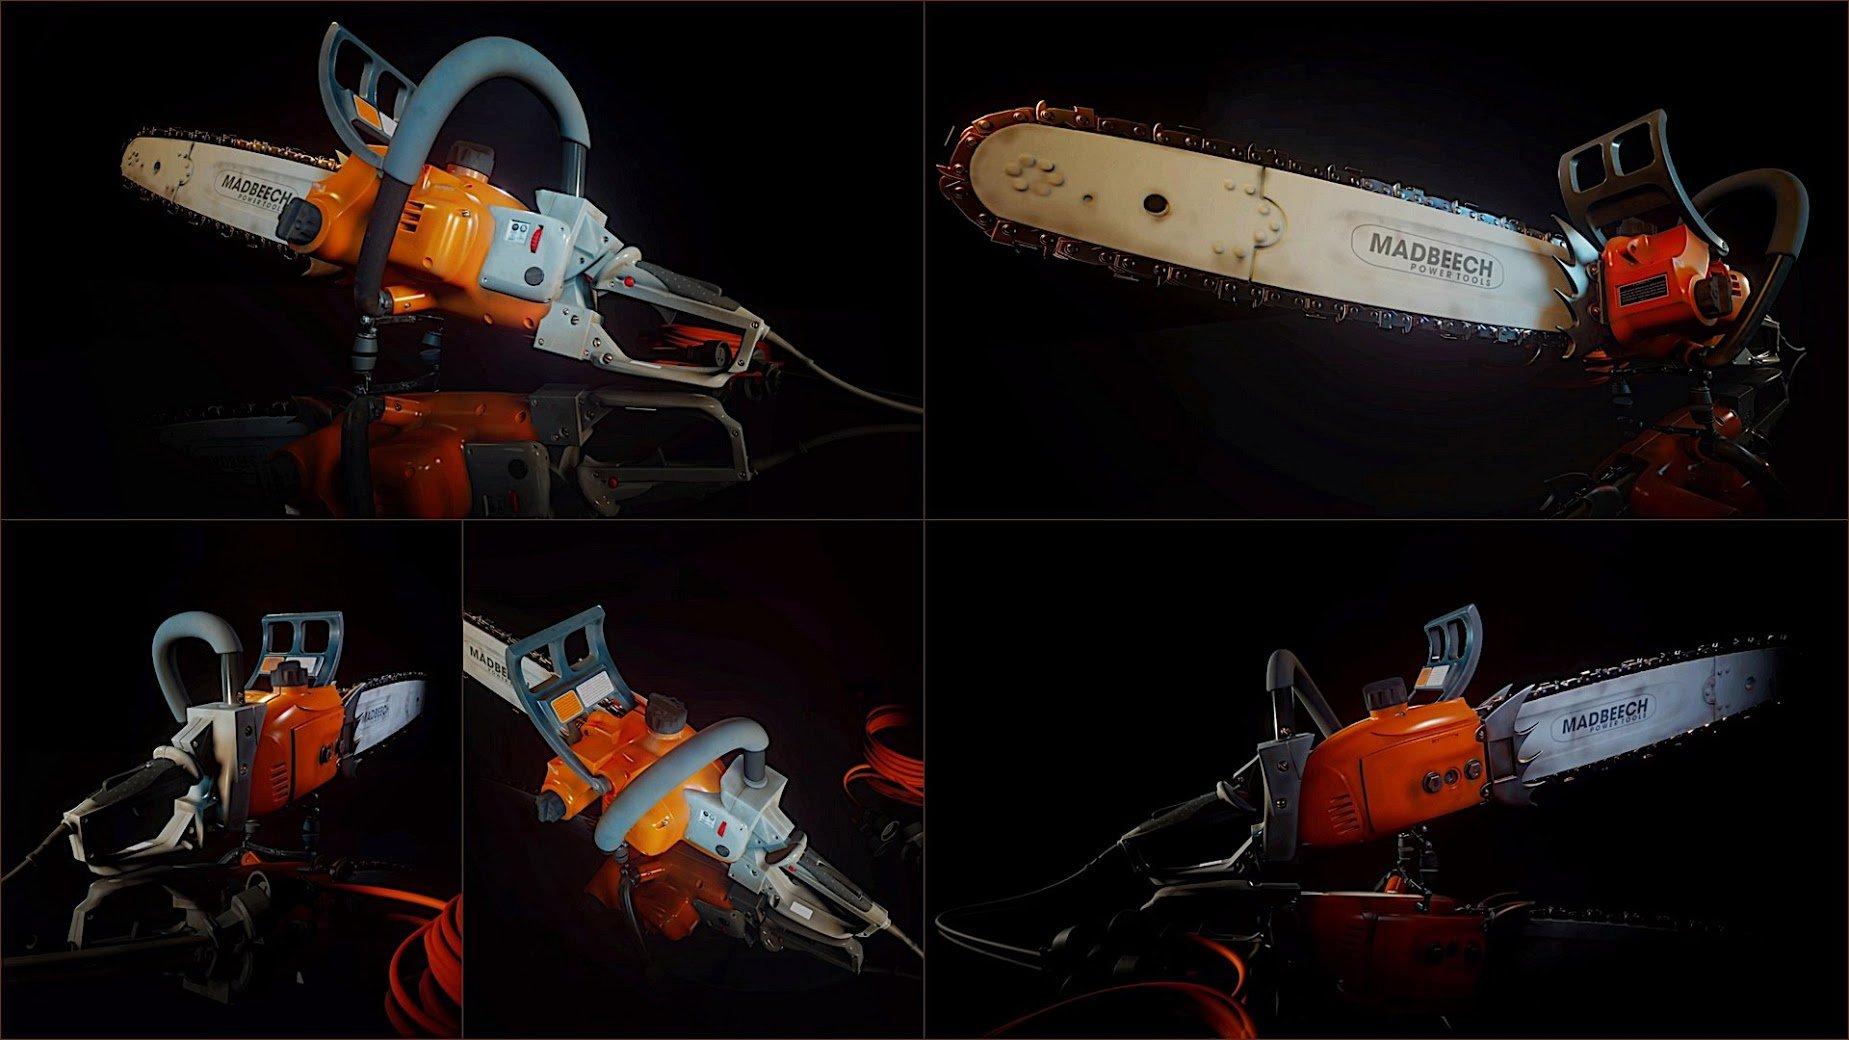 DreamsPS4: Chainsaw vs Drill (Vote) | ResetEra